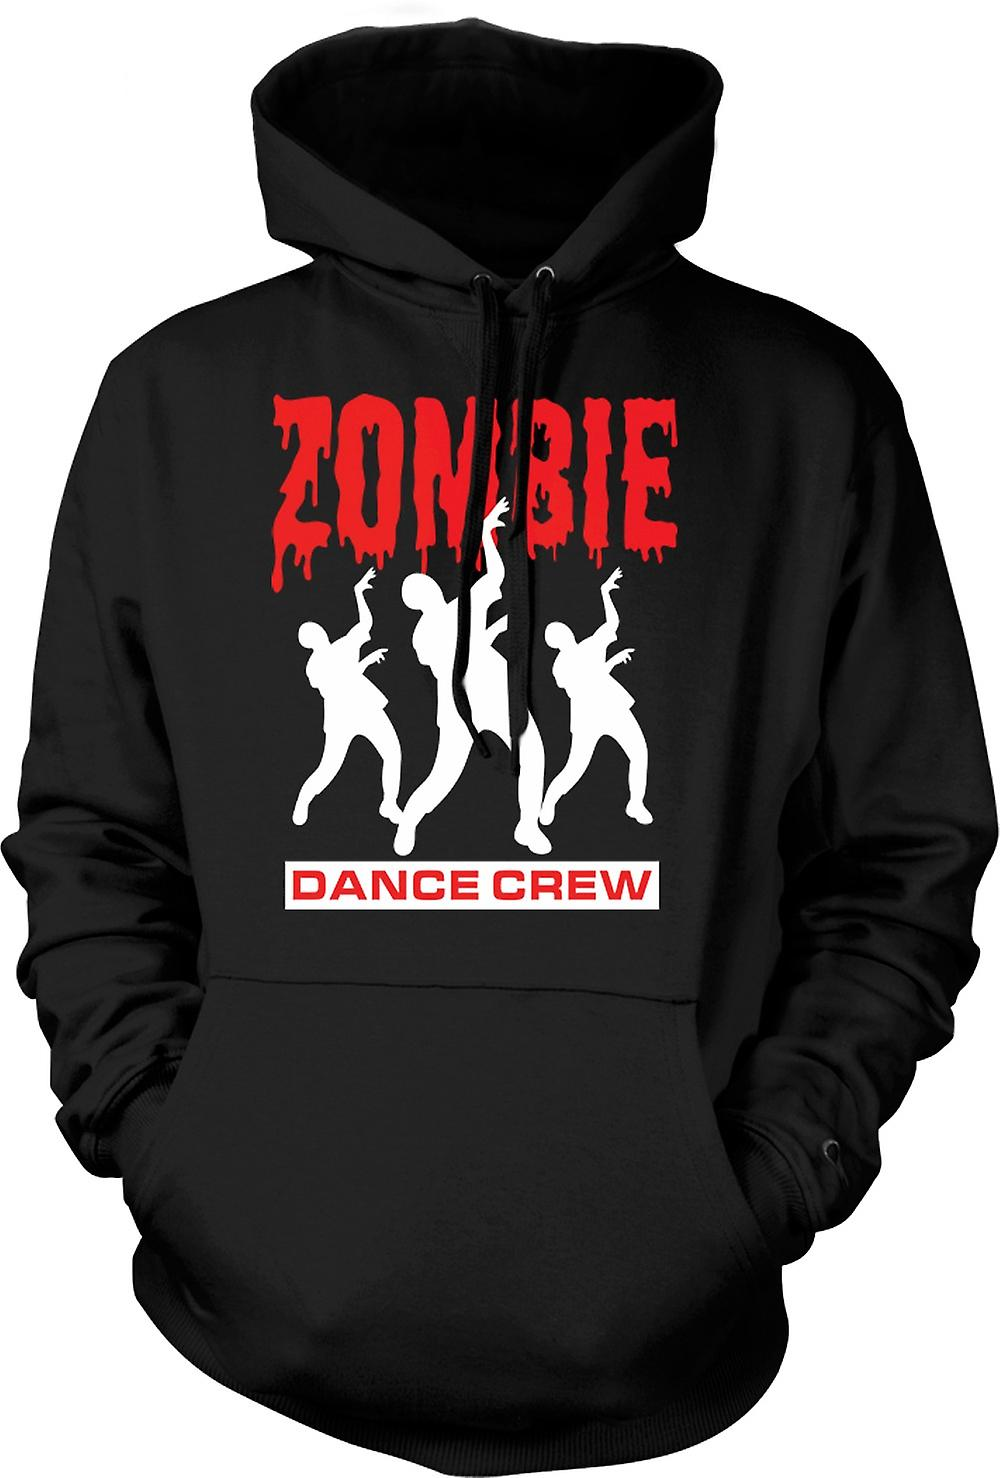 Mens-Hoodie - Zombie Dance Crew - witzige Horror